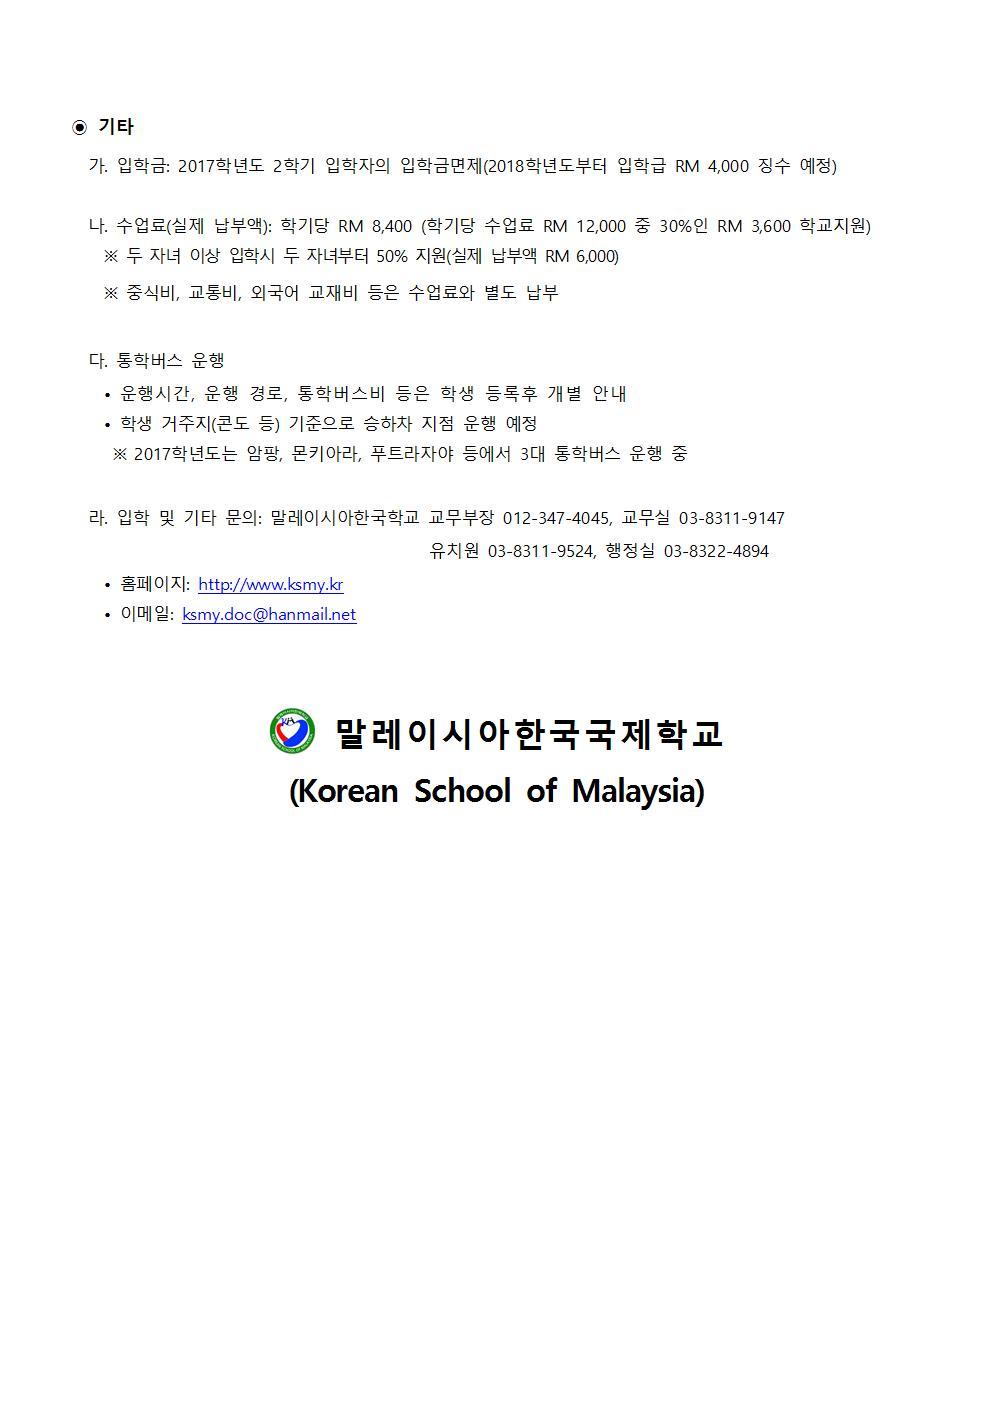 2017학년도 2학기 말레이시아한국국제학교 모집요강002.jpg